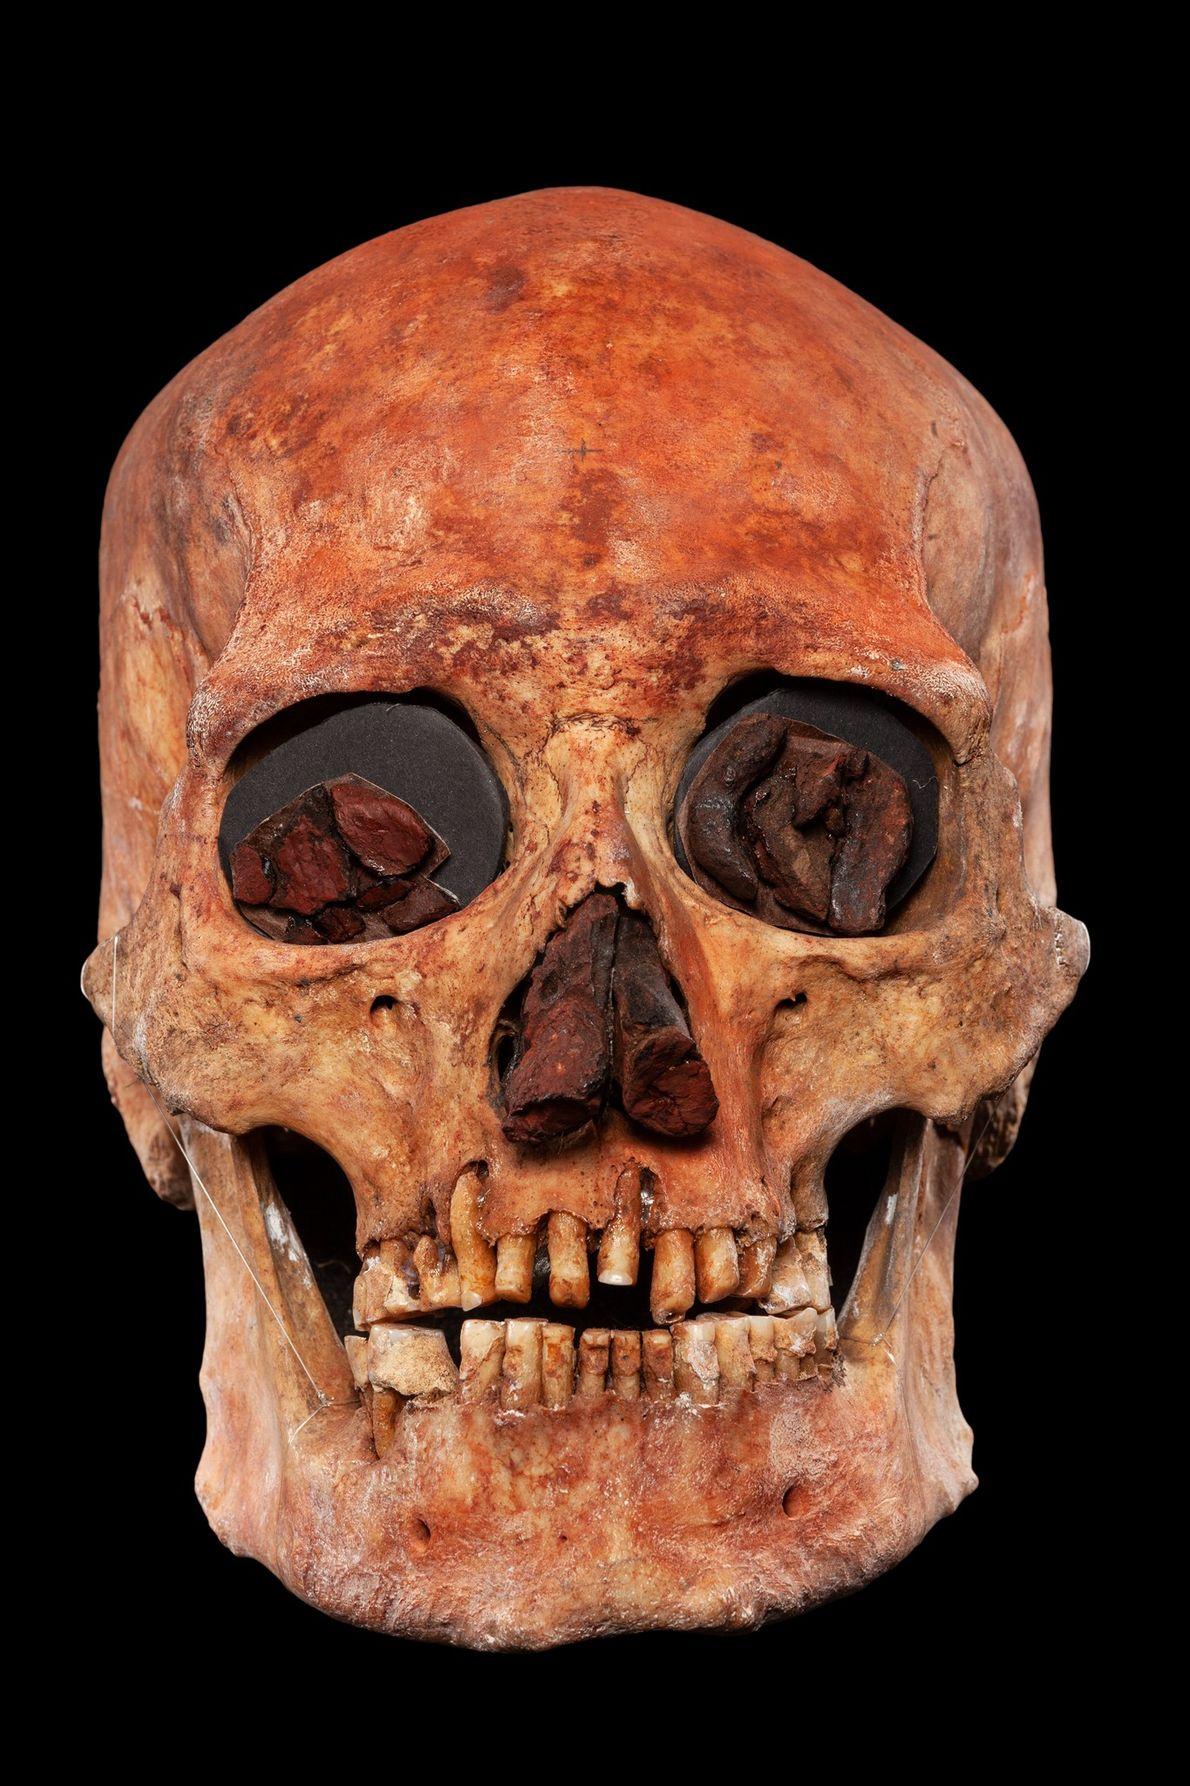 Dieser menschliche Schädel wurde mit Ocker bemalt, einem natürlichen Erdpigment.